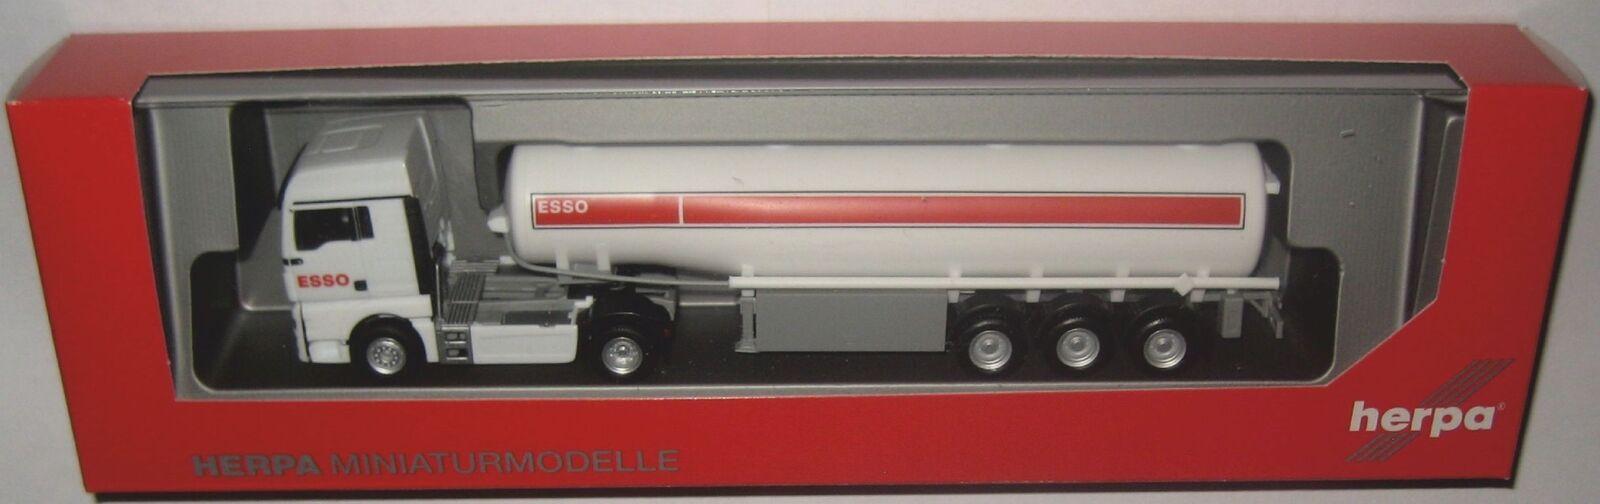 Herpa 309509 MAN TGX XLX Réservoir semi-remorque ESSO 1 87 voie HO